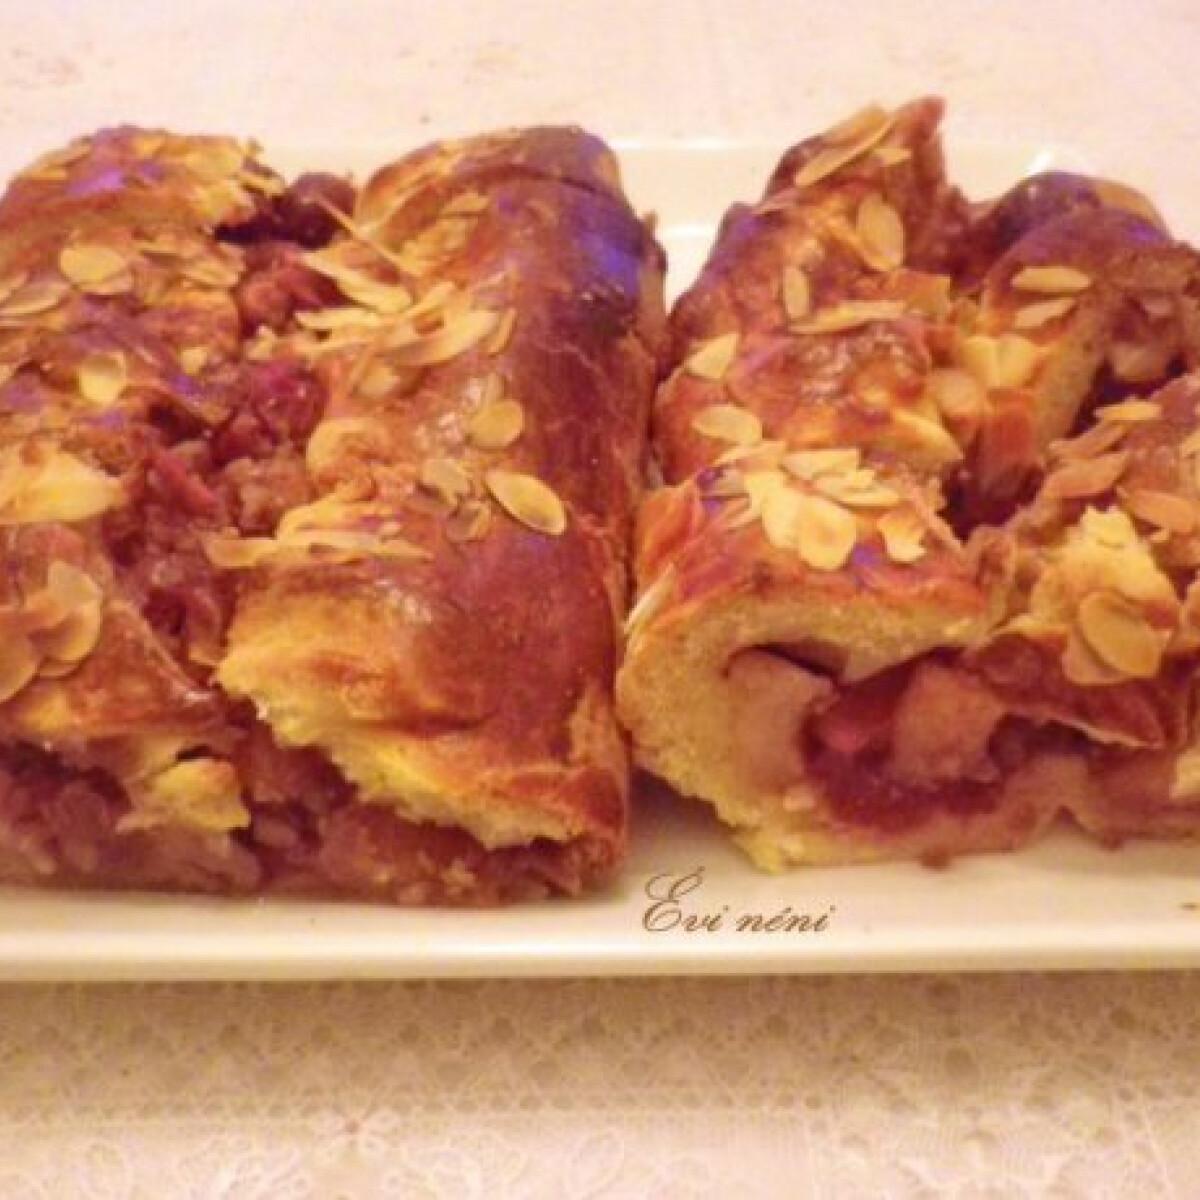 Ezen a képen: Almás-meggyes pite gyümölcscukorral